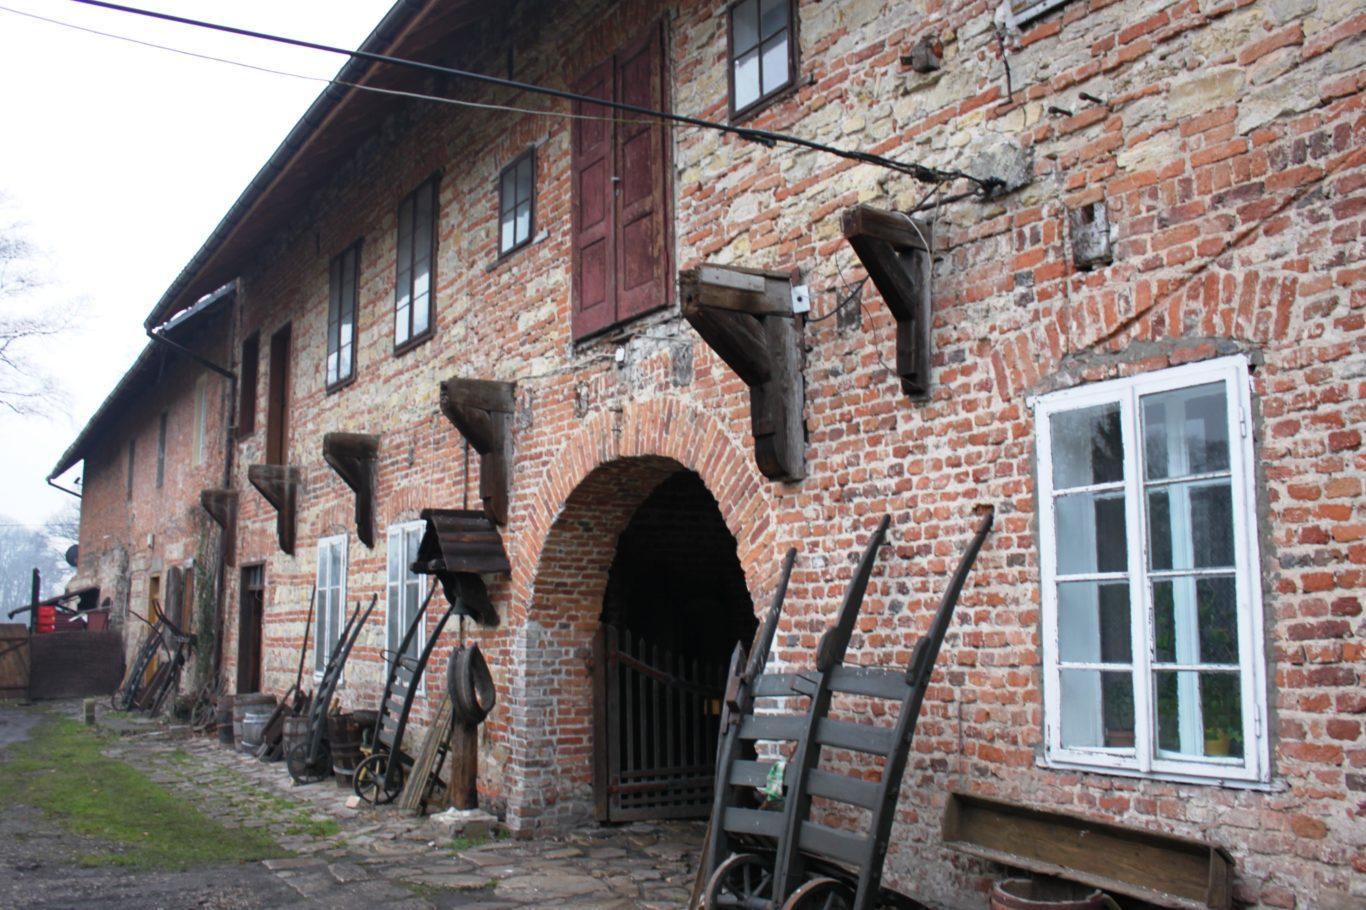 ZESPÓŁ ZABUDOWAŃ PODWORSKICH W BOBRKU, fot. J. Nowostawska-Gyalókay (MIK, 2014) CC BY SA 3.0